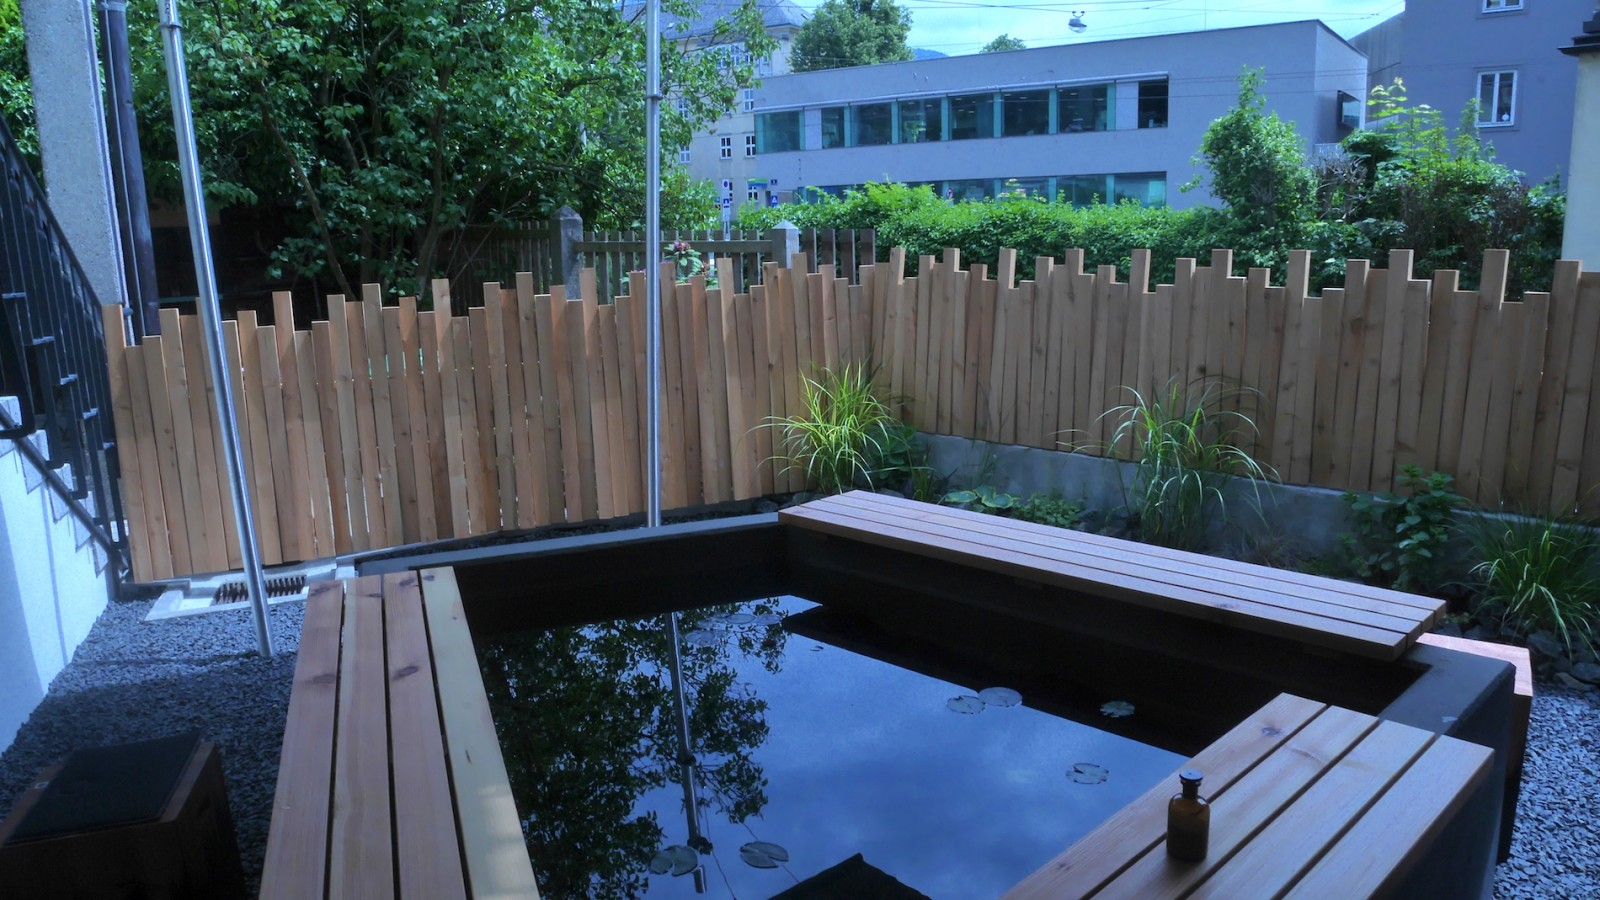 Holz, Wasser, Beton, Metall - viele Elemente treffen sich im 220 Grad in Nonntal.